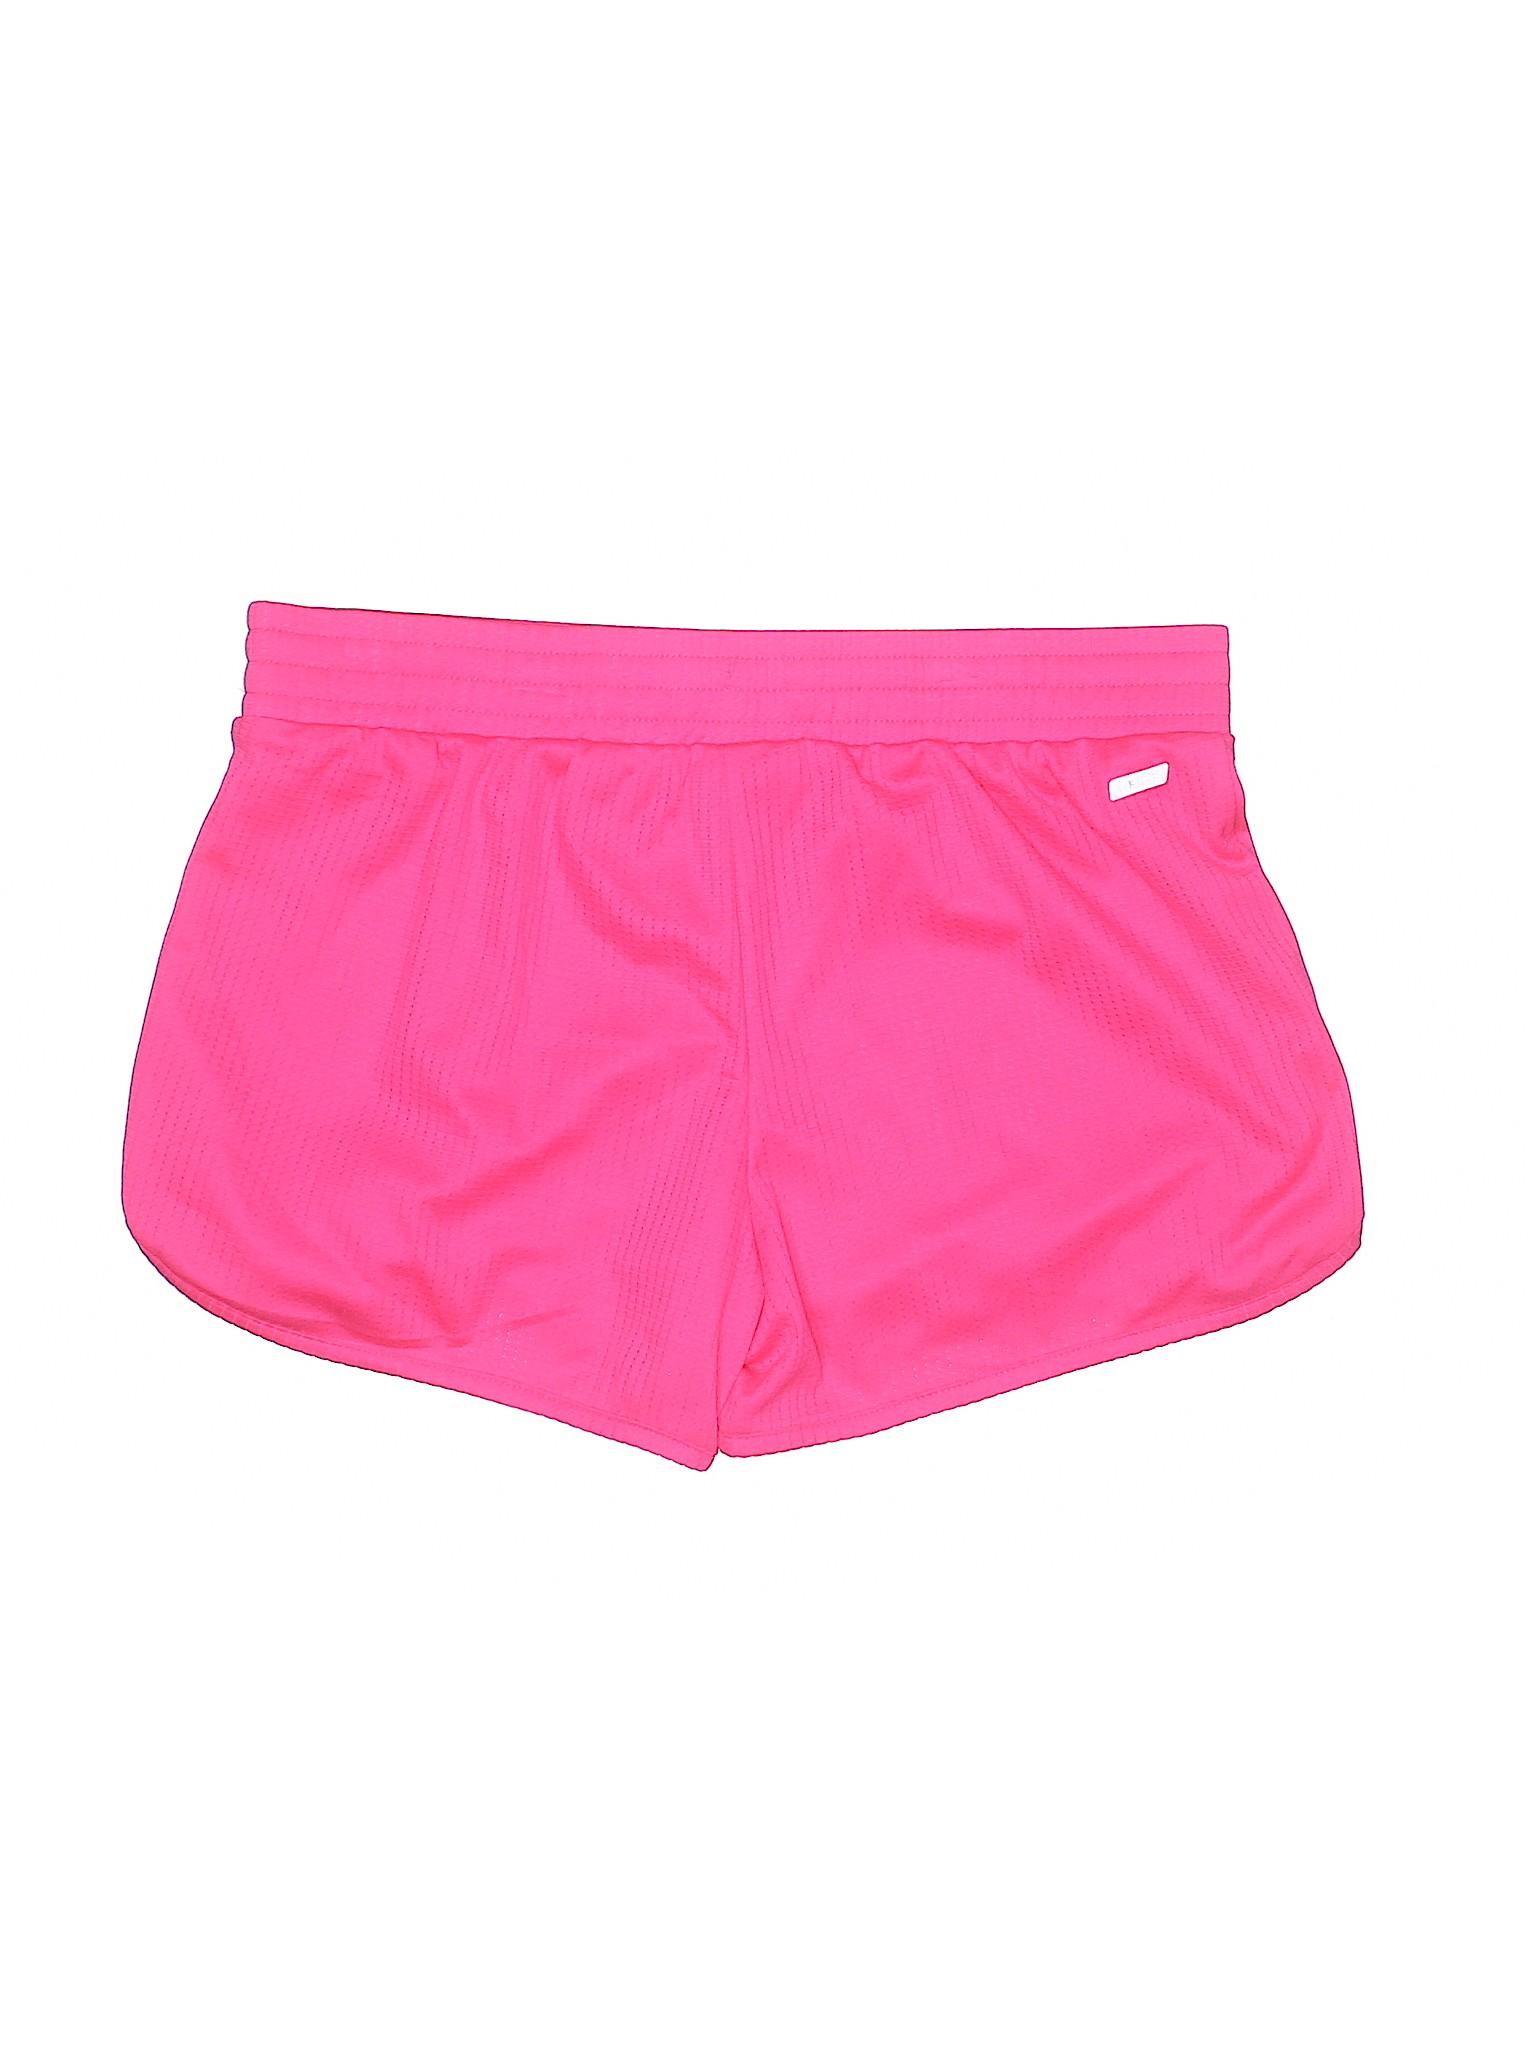 Danskin Shorts Boutique Danskin Boutique Now Athletic ZRRfEqw